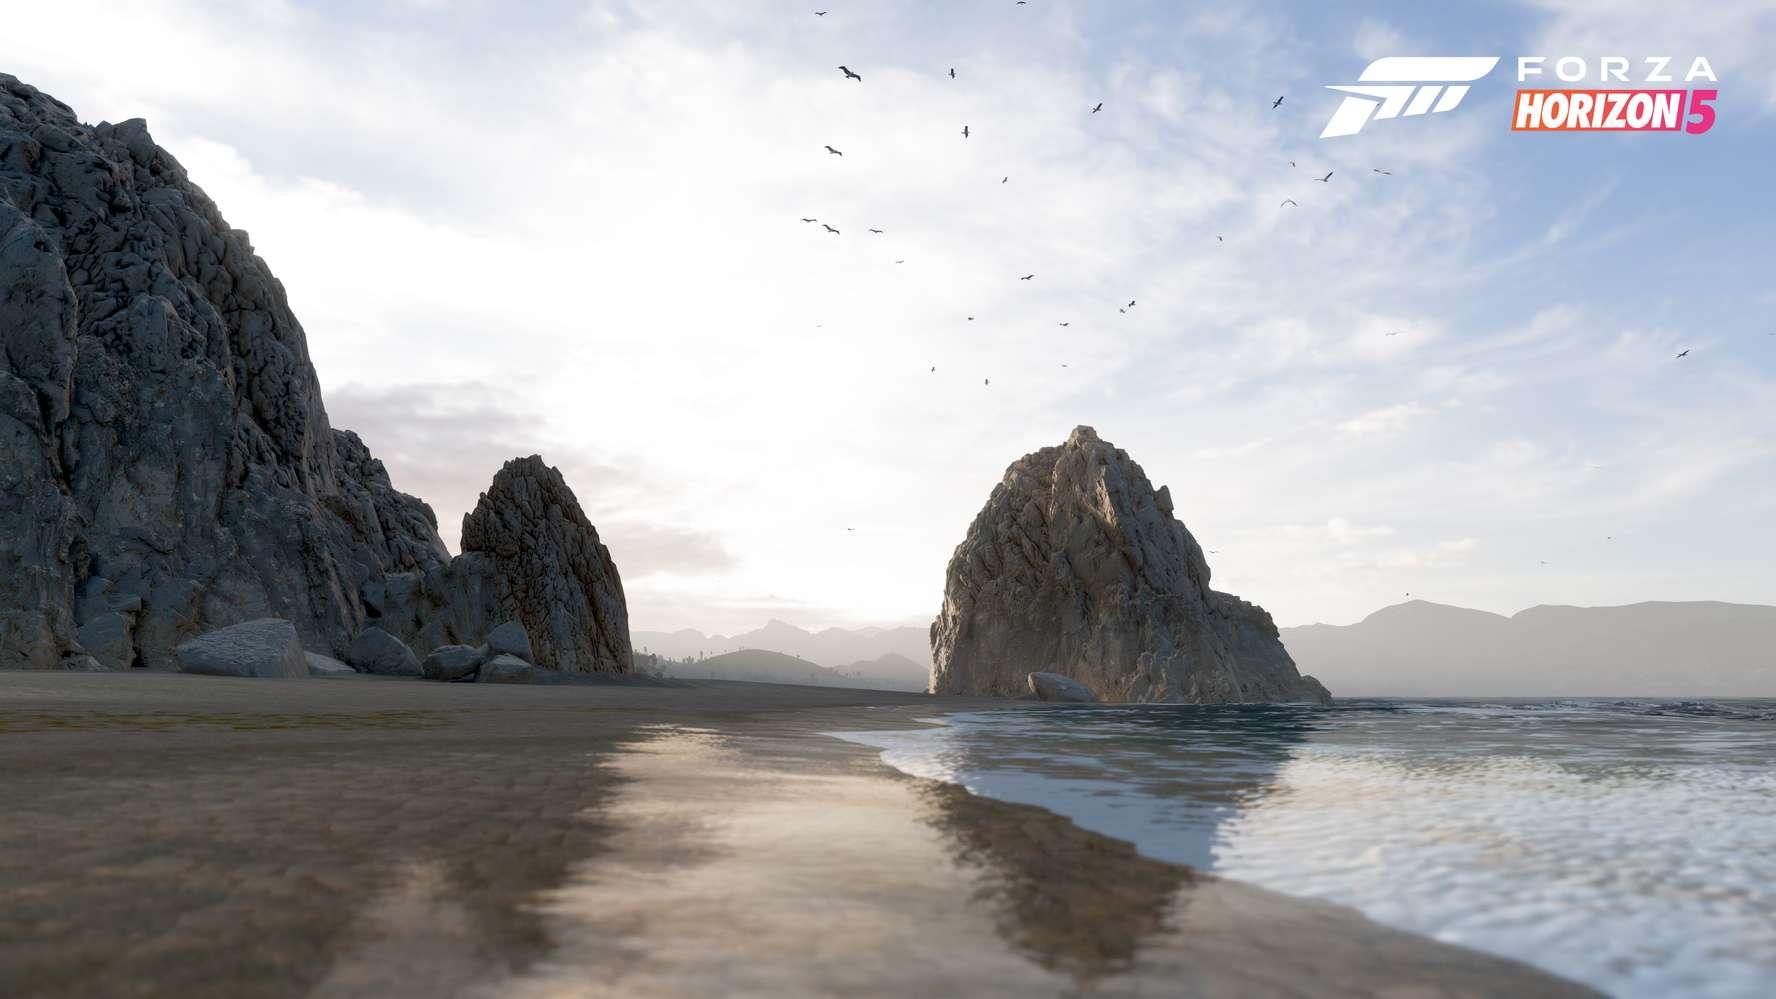 Fh5 Biome Rocky Coast 03 16x9 Wm